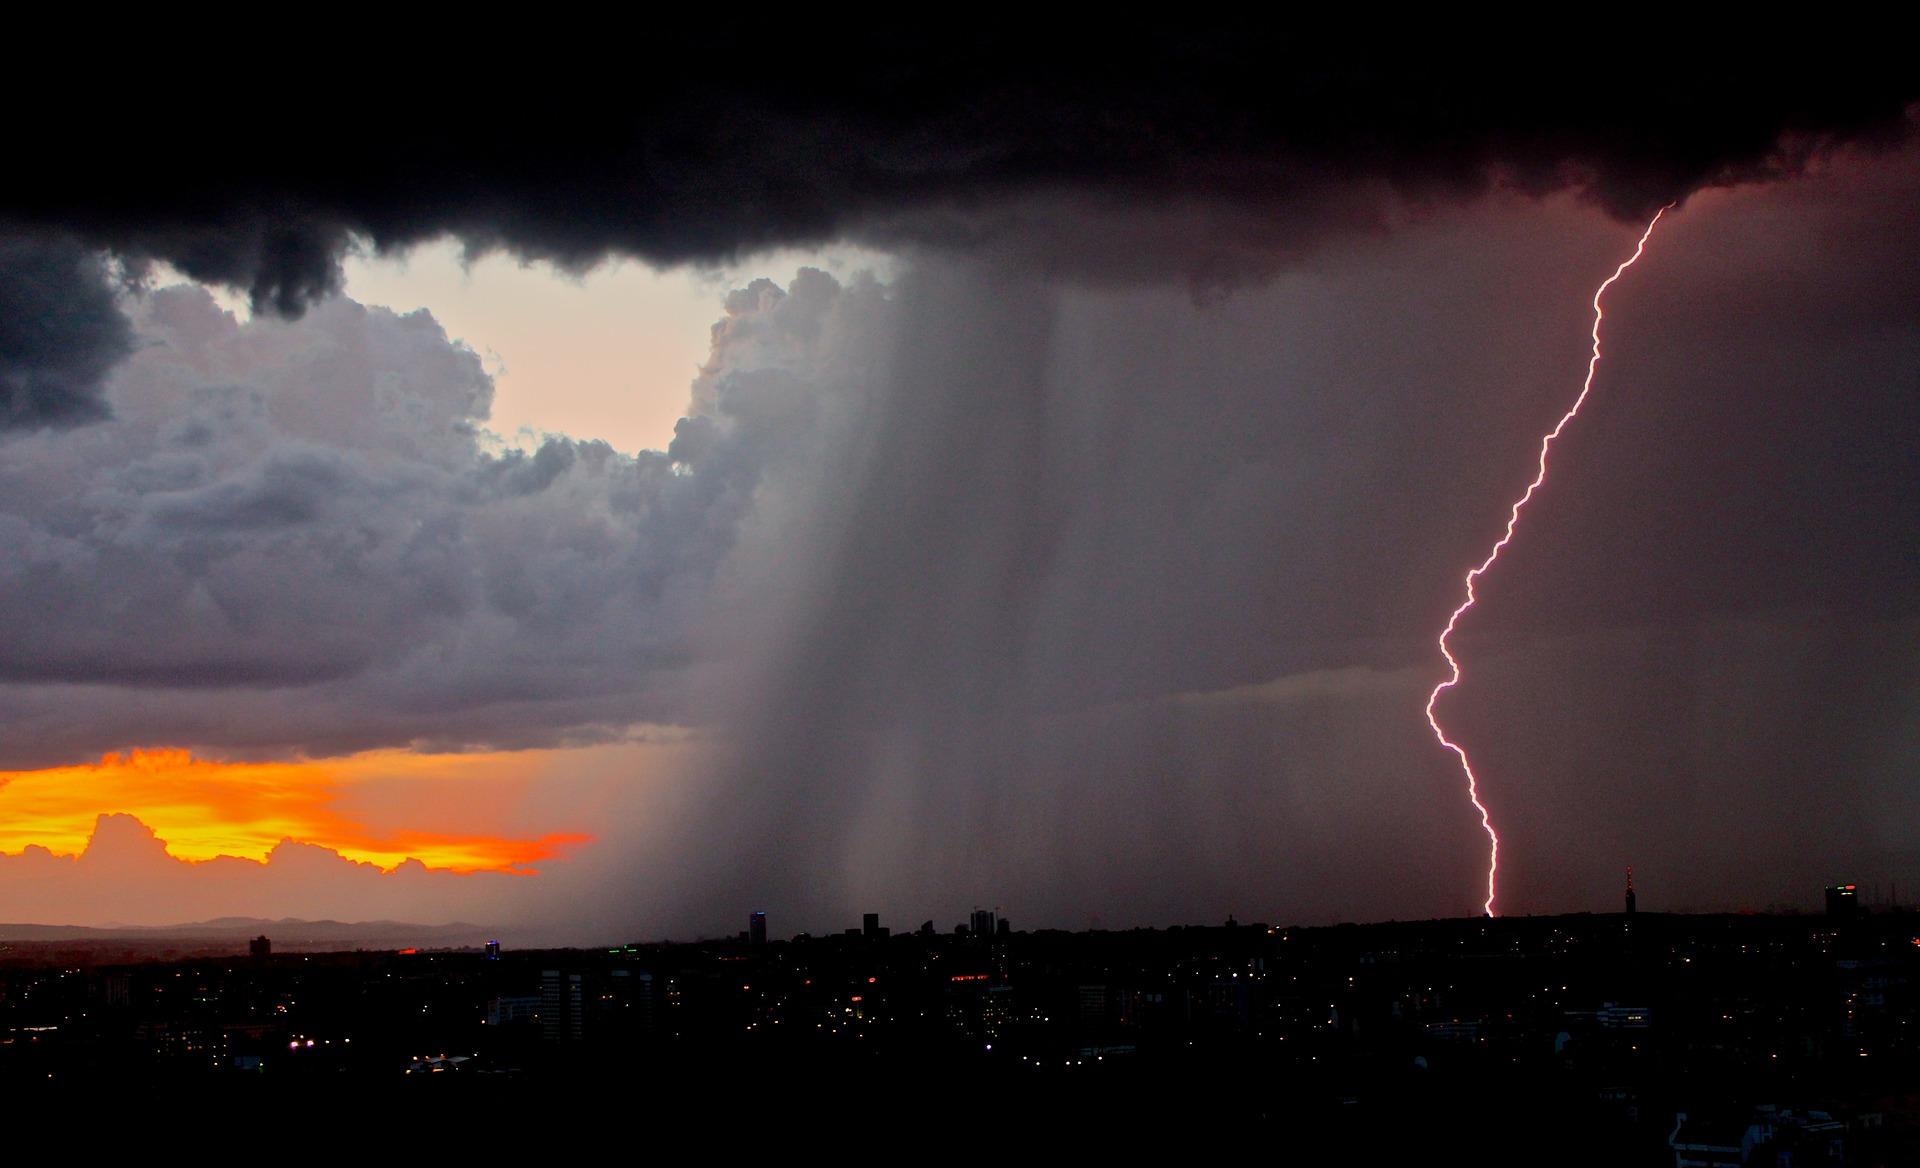 grad, deszcz, burza, upał